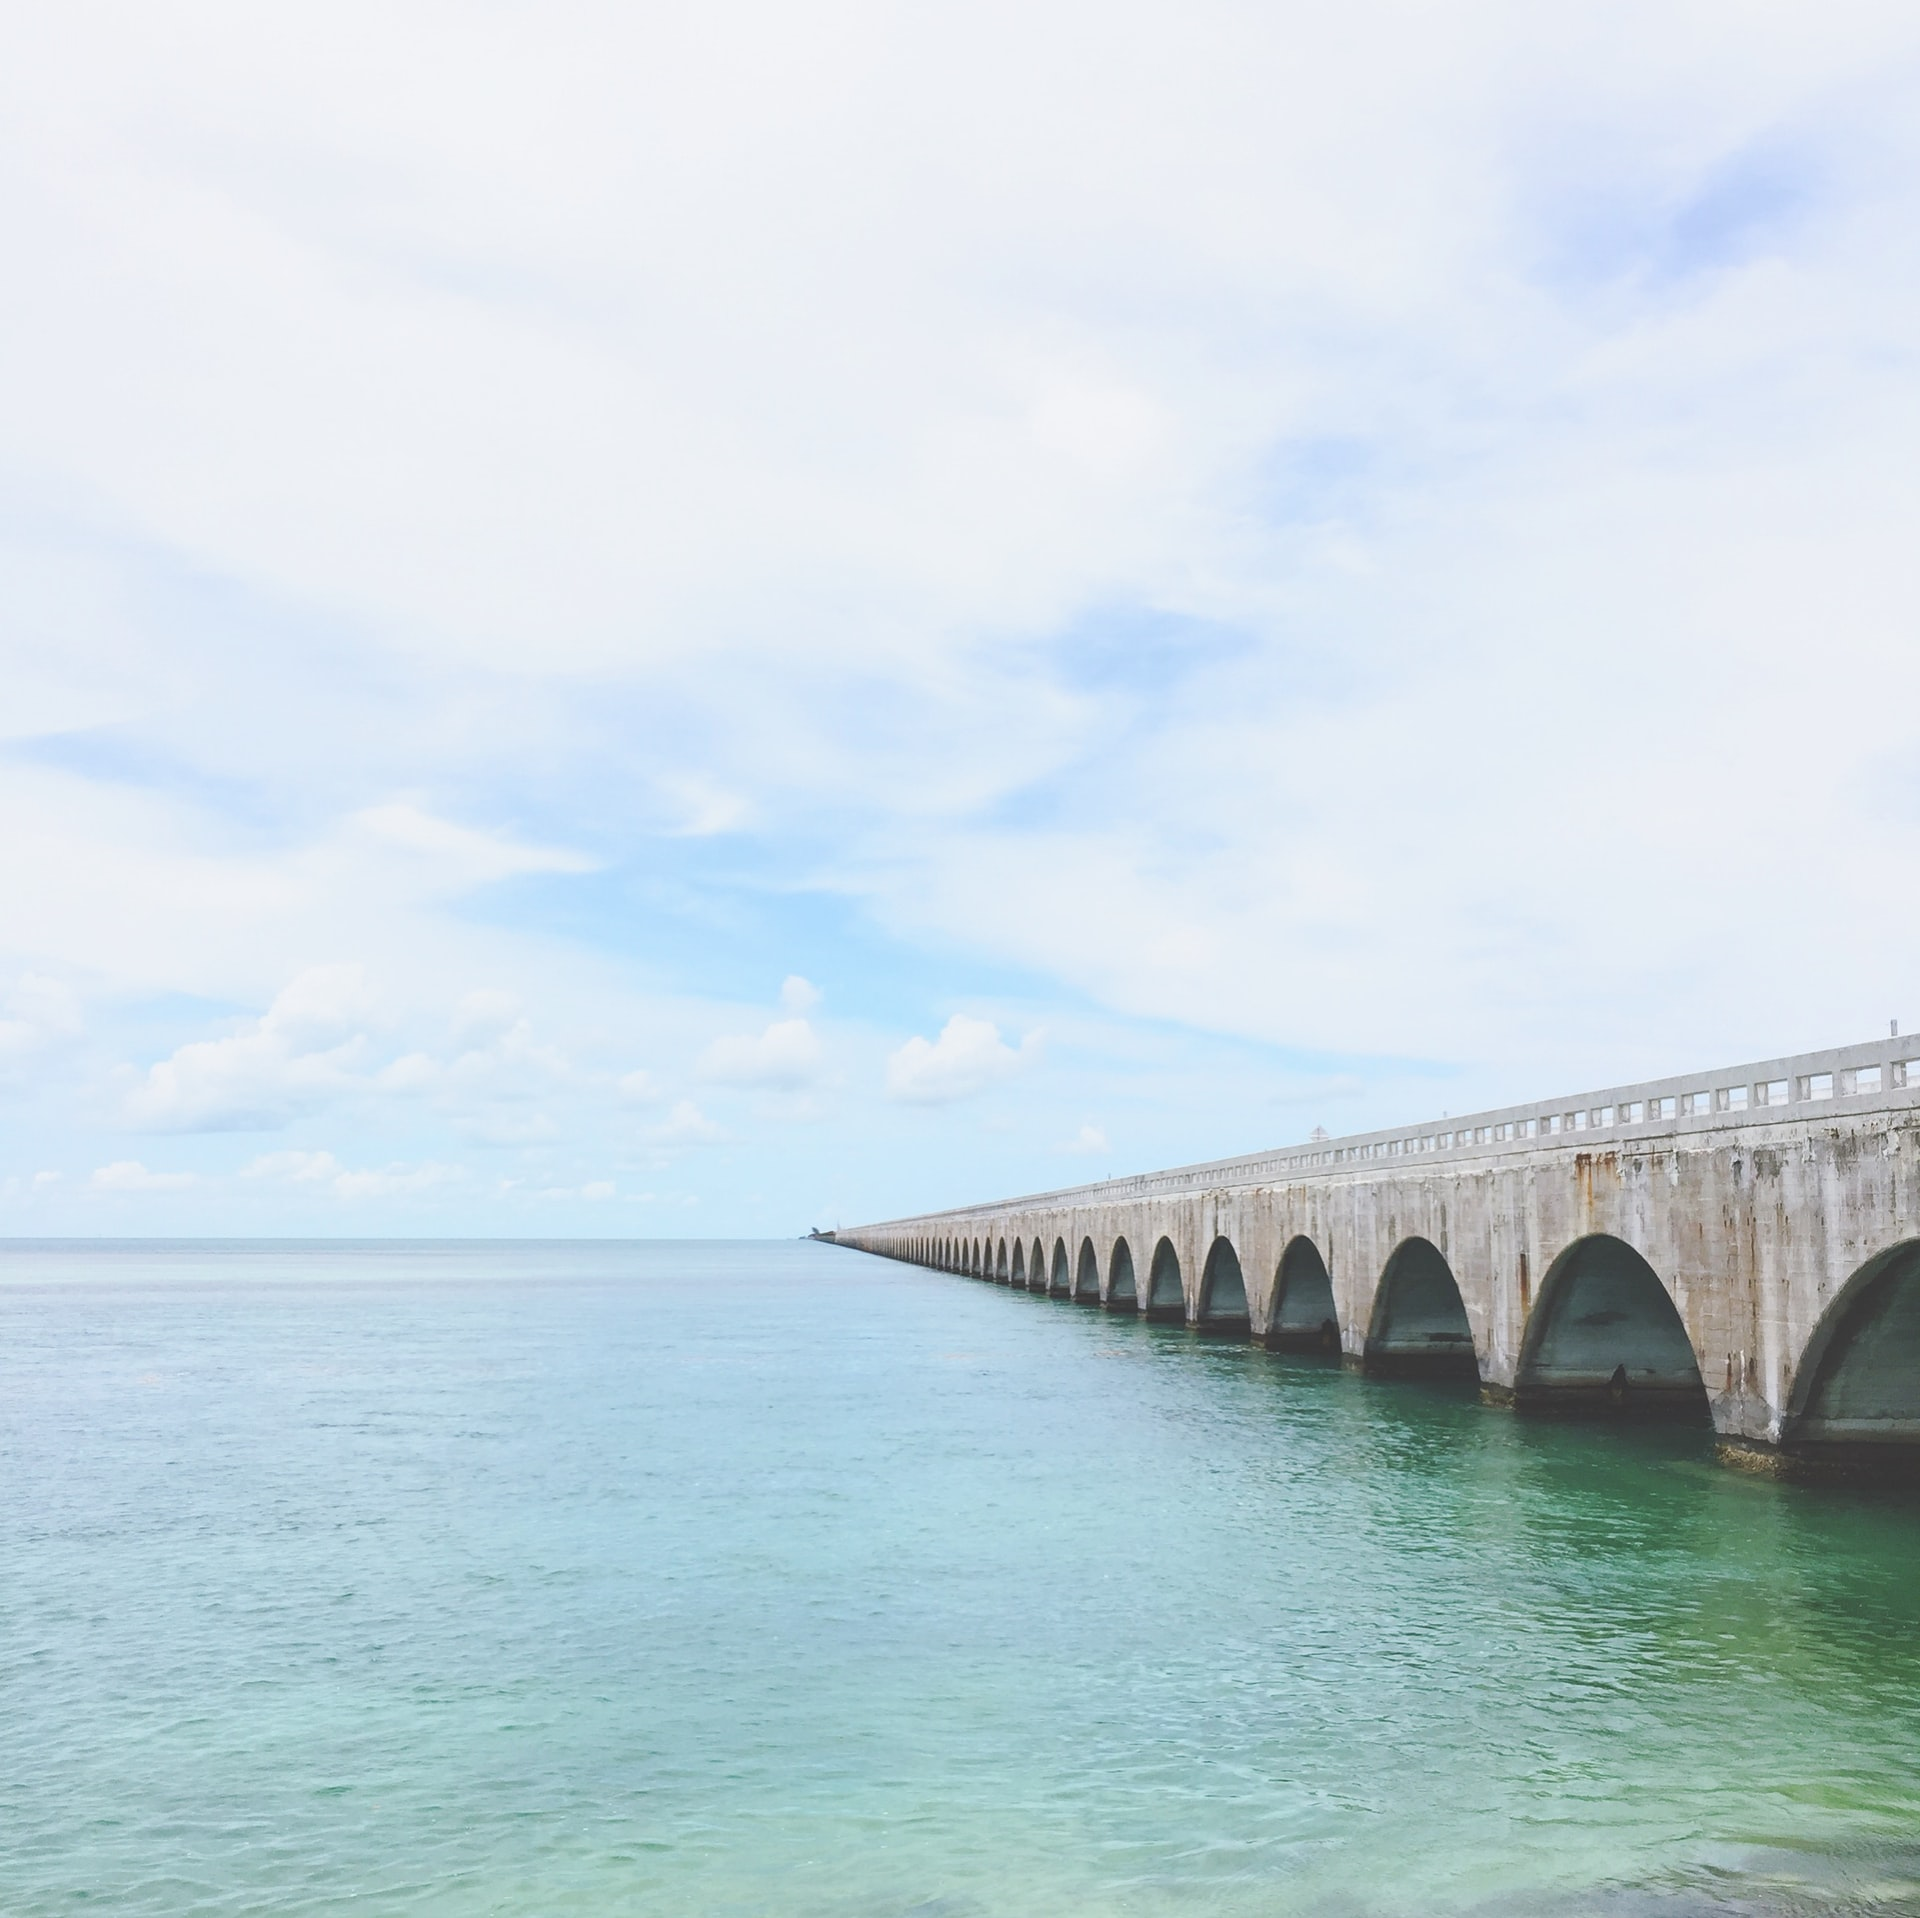 どこまでも続くエメラルドグリーンの海とコンクリートの橋